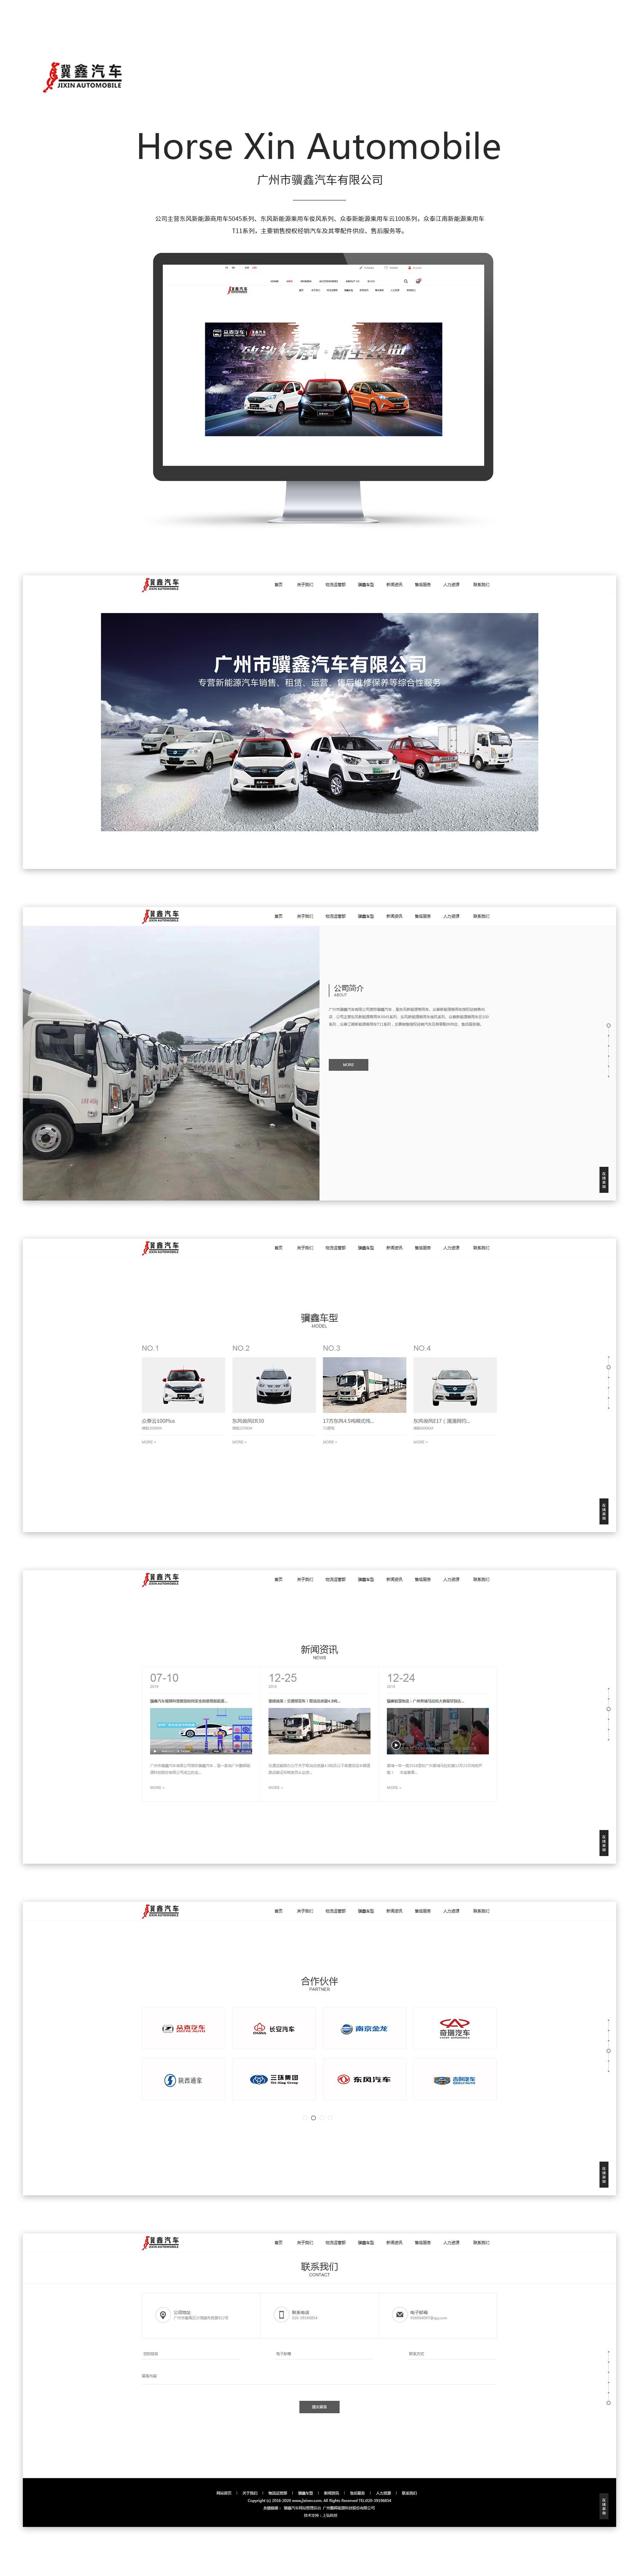 广州市骥鑫汽车有限公司品牌官网